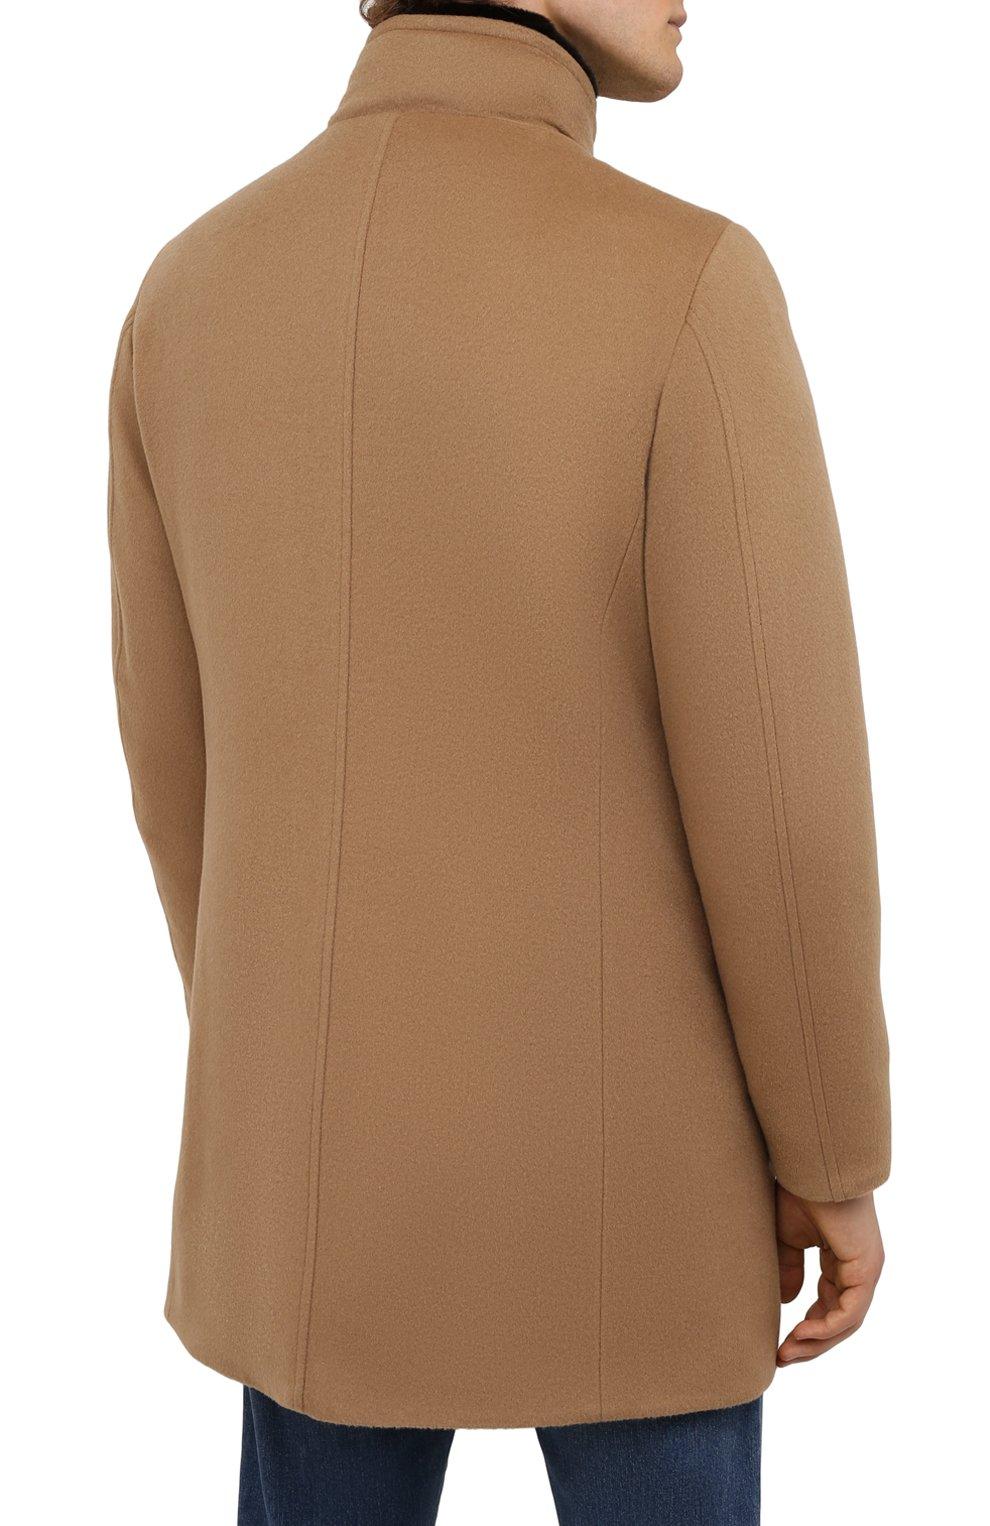 Мужской пальто из шерсти и кашемира bond-fur-le MOORER бежевого цвета, арт. B0ND-FUR-LE/M0UG2100131-TEPA209   Фото 4 (Материал внешний: Шерсть; Рукава: Длинные; Длина (верхняя одежда): До середины бедра; Материал подклада: Синтетический материал; Мужское Кросс-КТ: пальто-верхняя одежда; Материал утеплителя: Пух и перо; Стили: Кэжуэл)